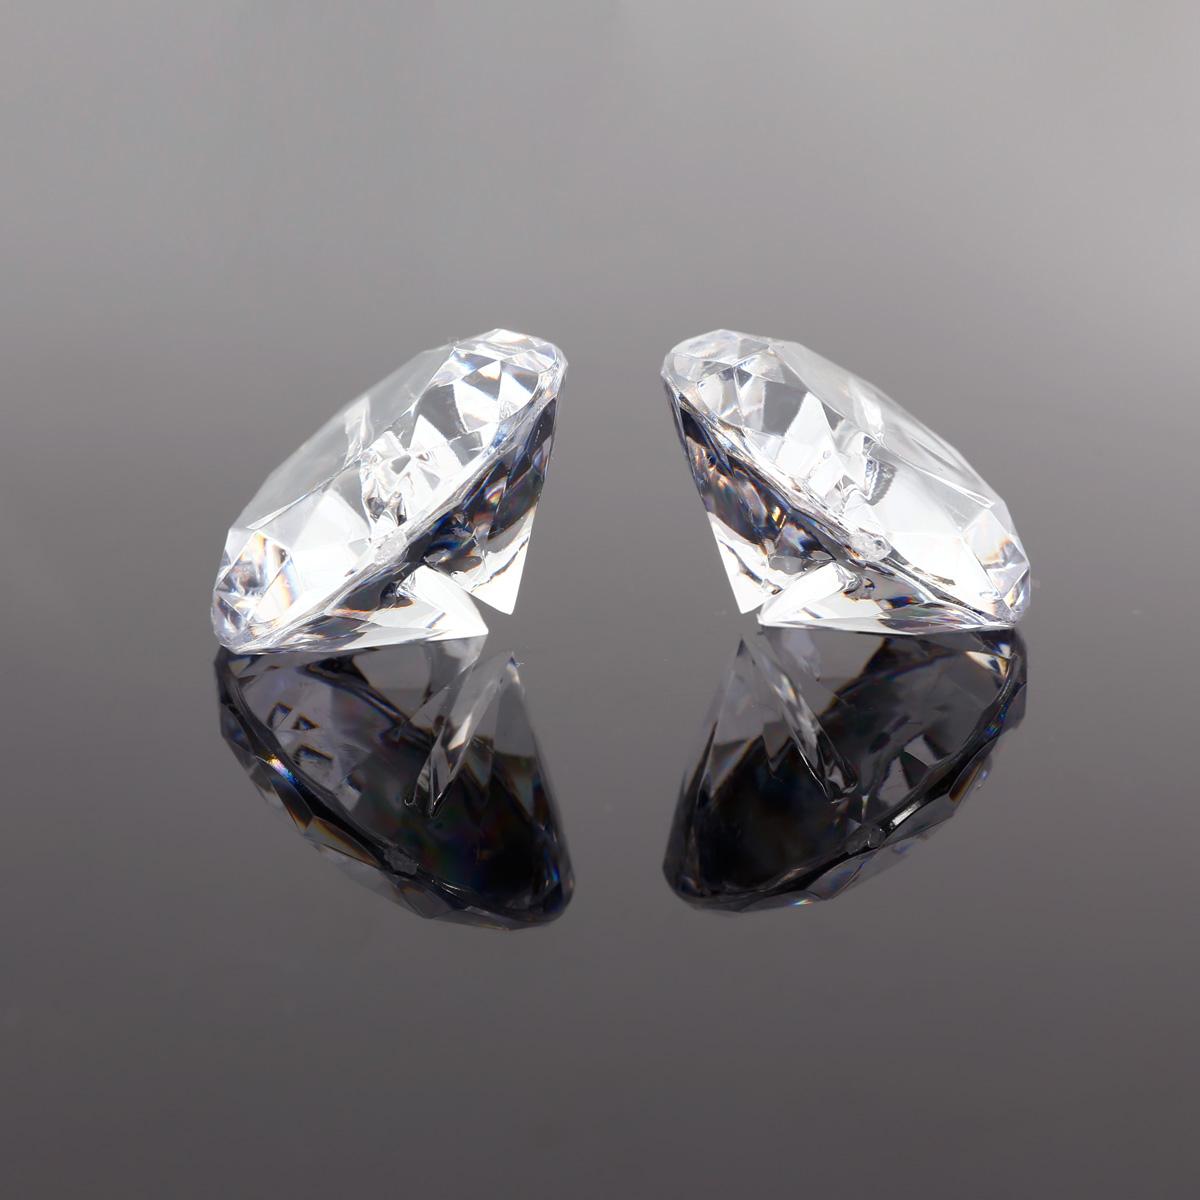 4cm Diamond Shape Crystal Acrylic Place Card Holder